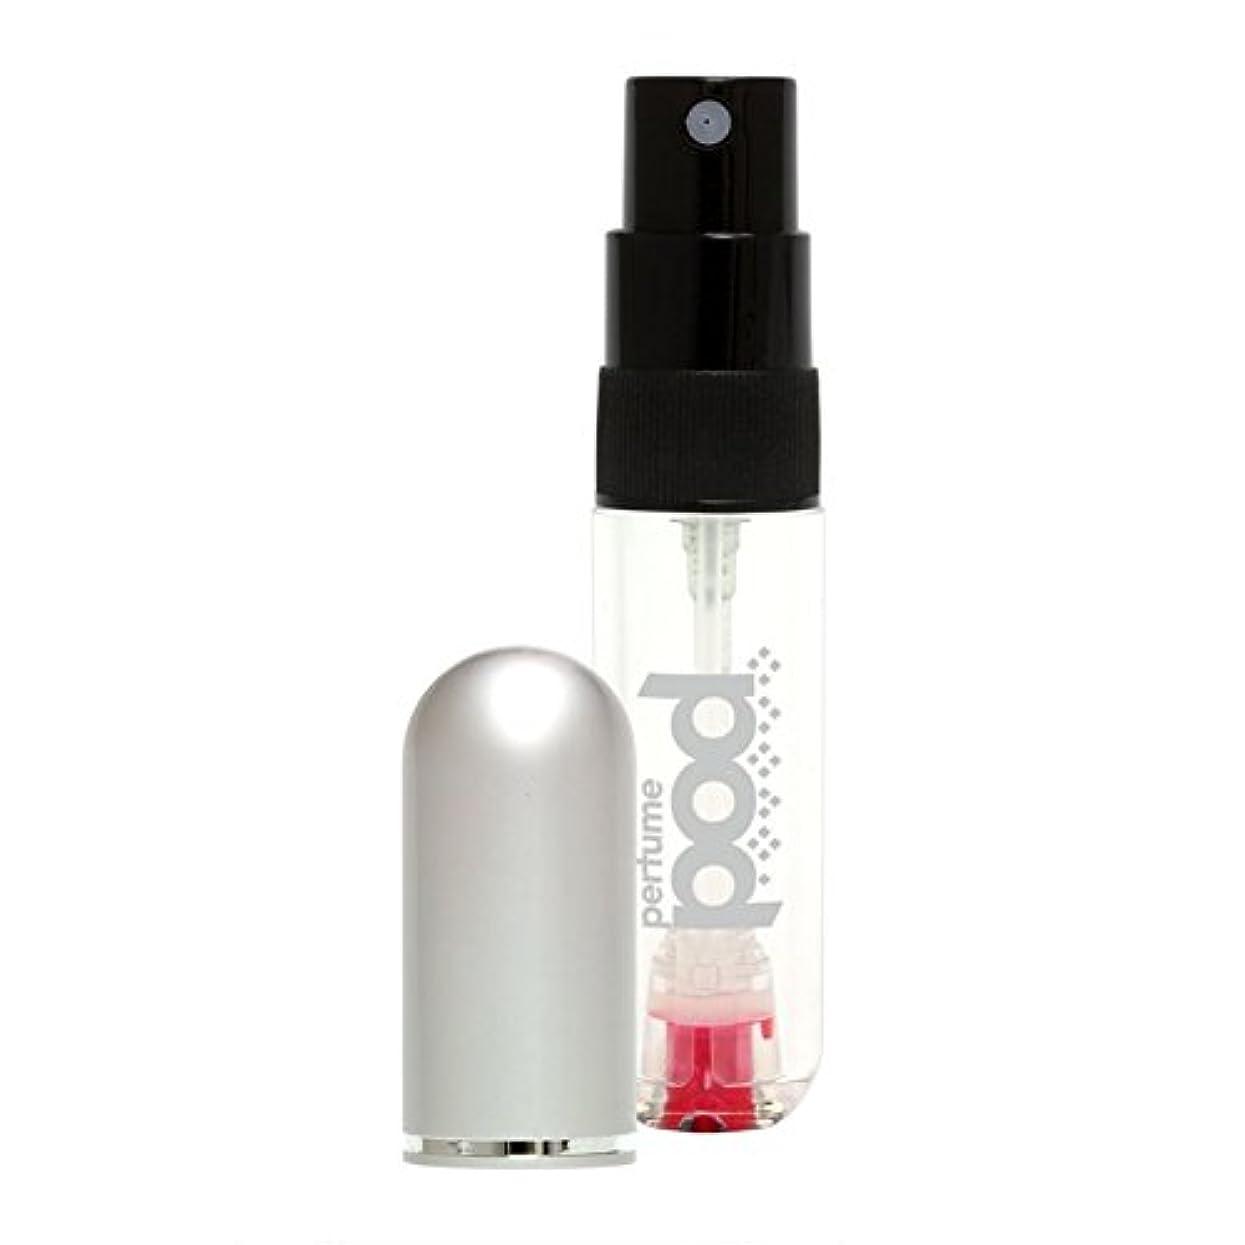 ペレット爆発いいねTravalo Perfume Pod トラヴァーロ パフュームポッド 香水 10秒チャージ 香水 スプレー 香水 アトマイザー 香水 ボトル 香水 携帯 (シルバー)